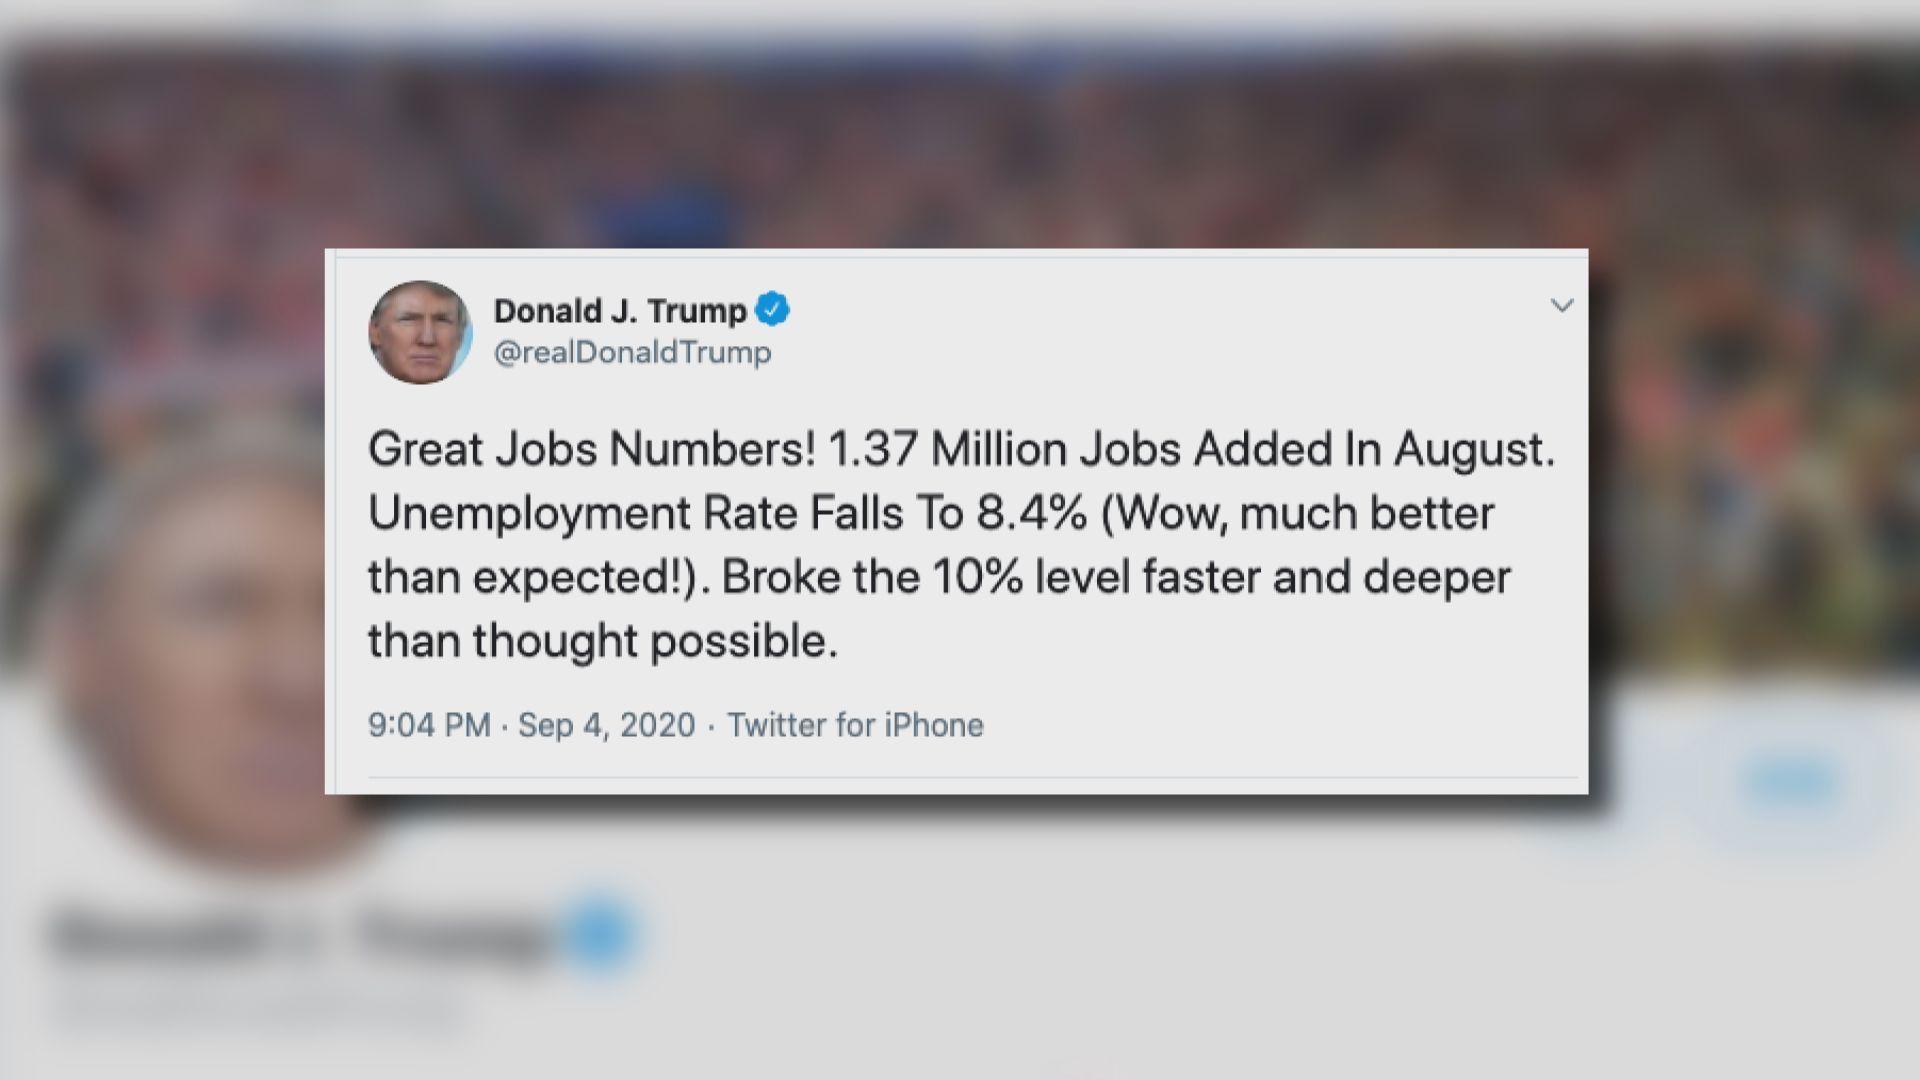 特朗普:失業率重回至低於10%較預期快